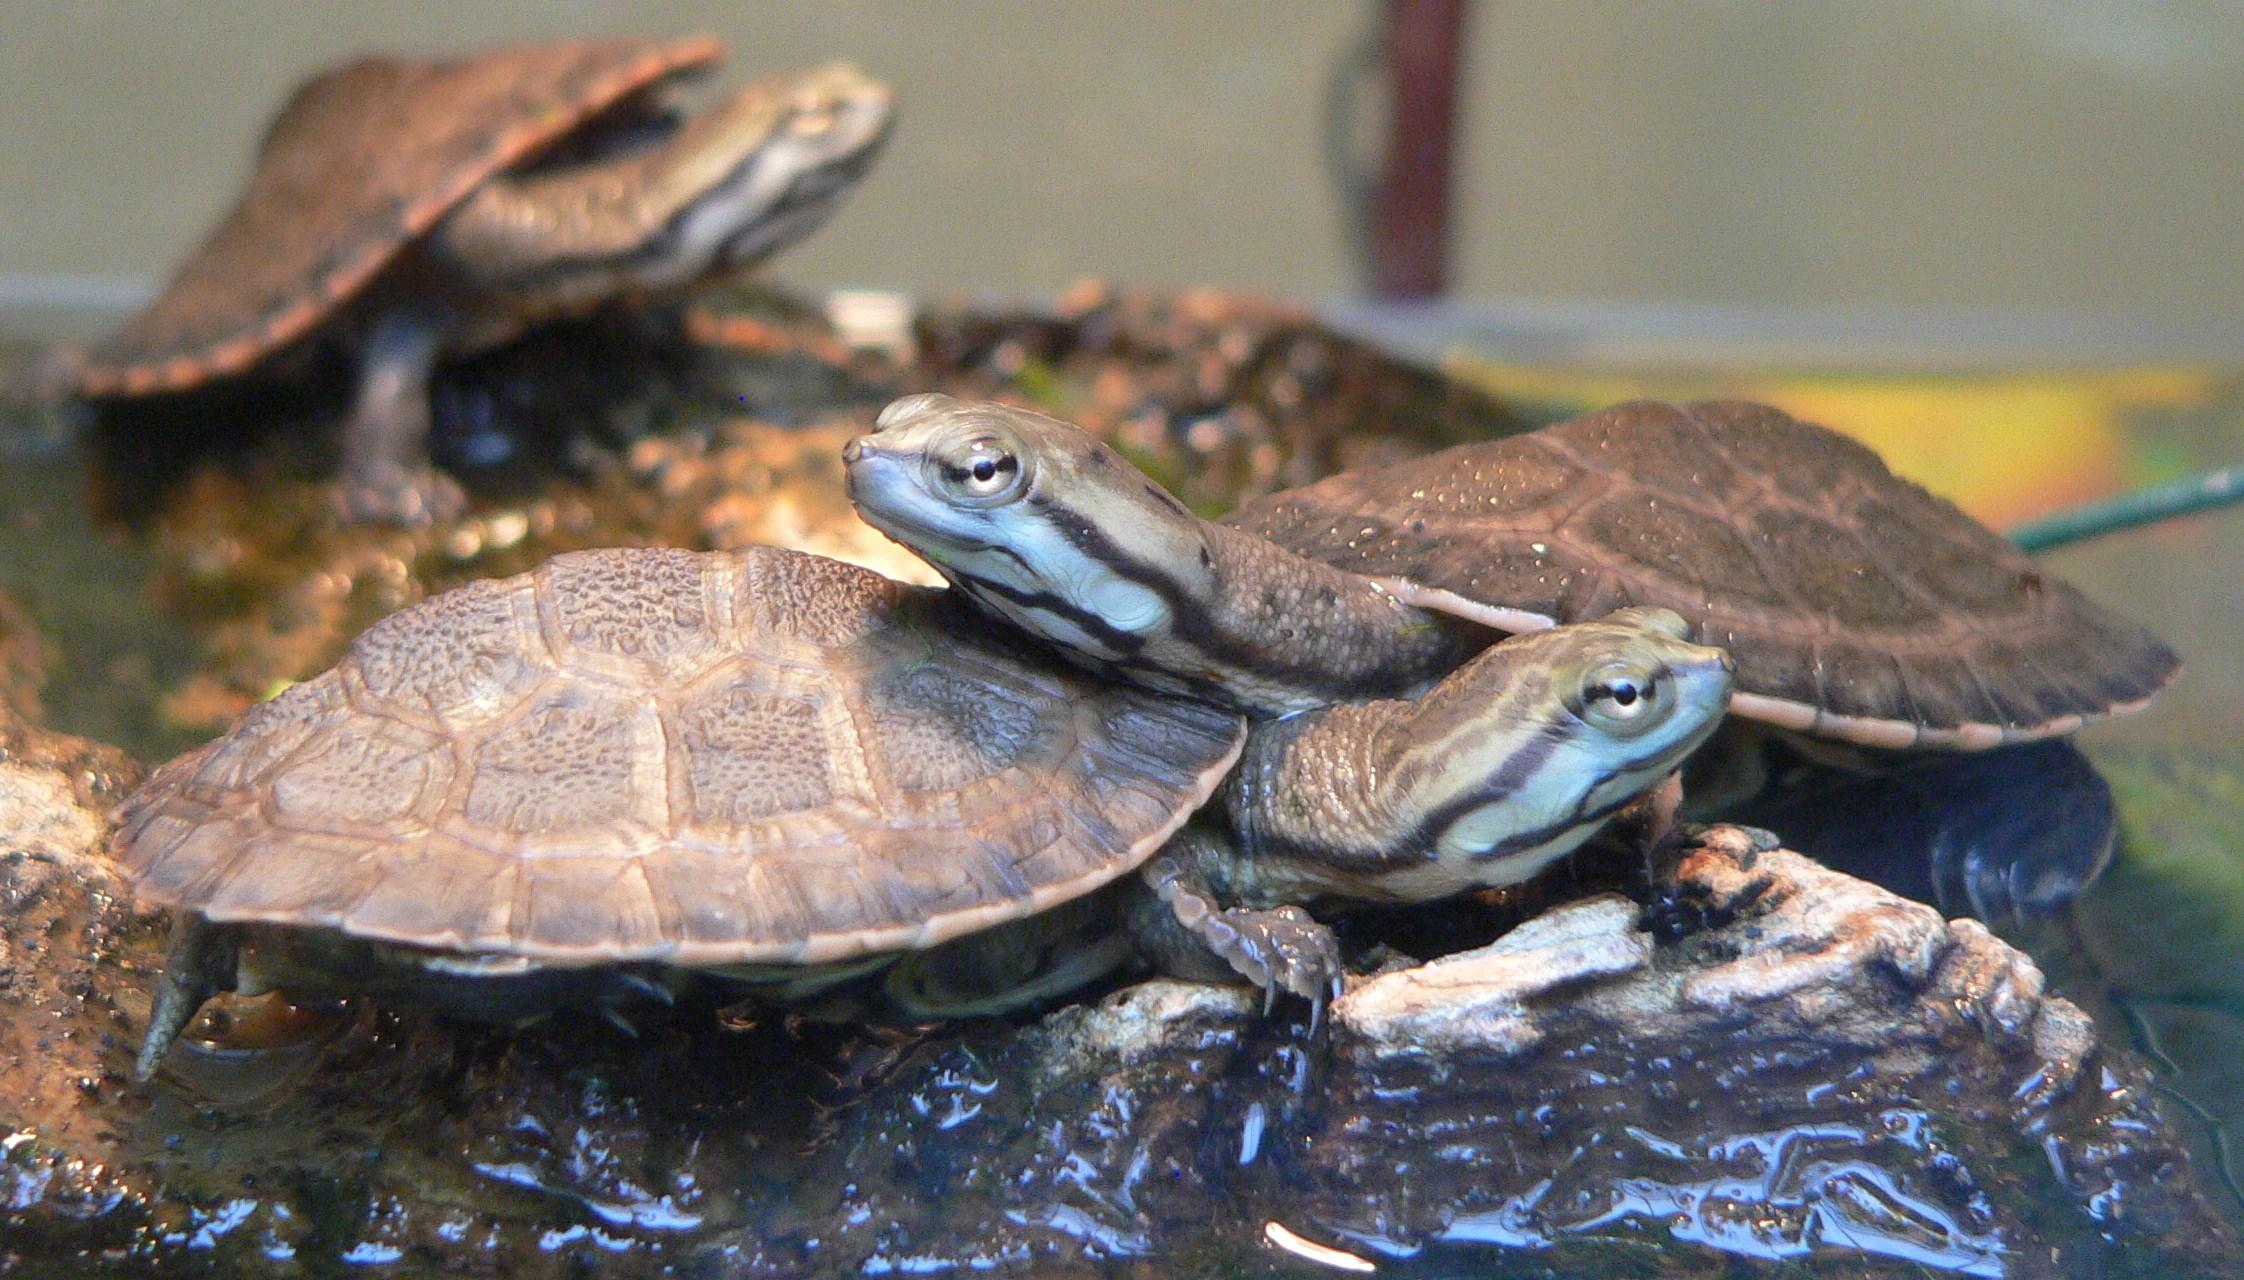 Turtle Safe Food List